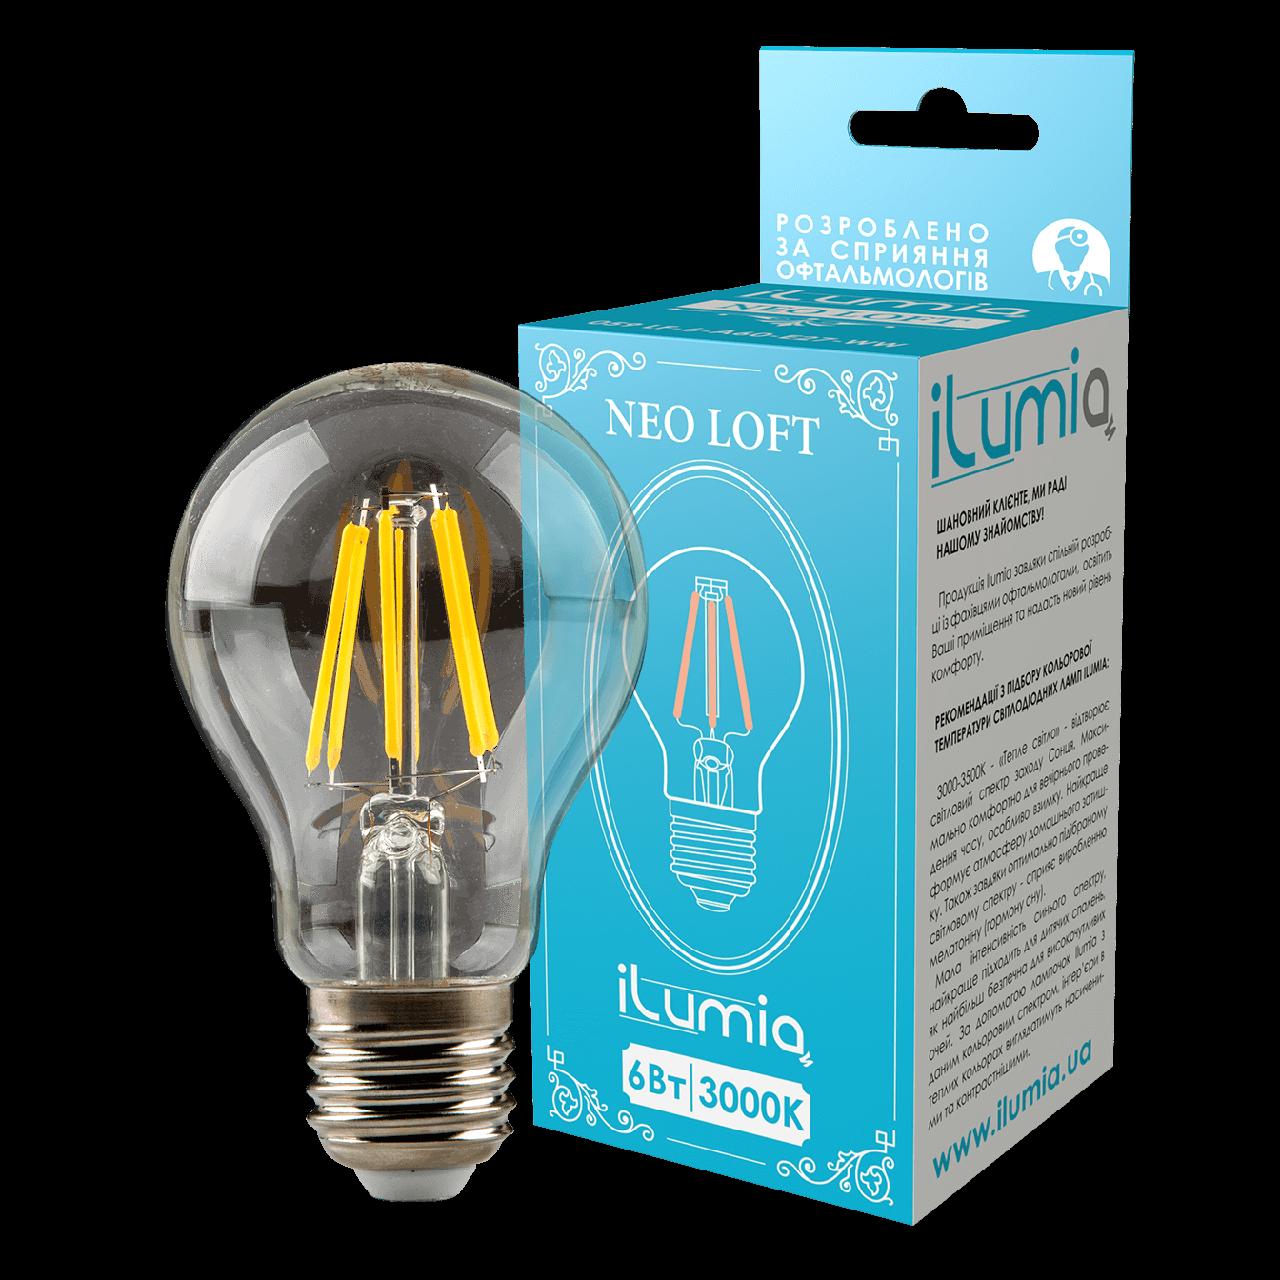 LED лампа филаментная Ilumia 6W Е27 A60 3000К теплый 600Lm (059)